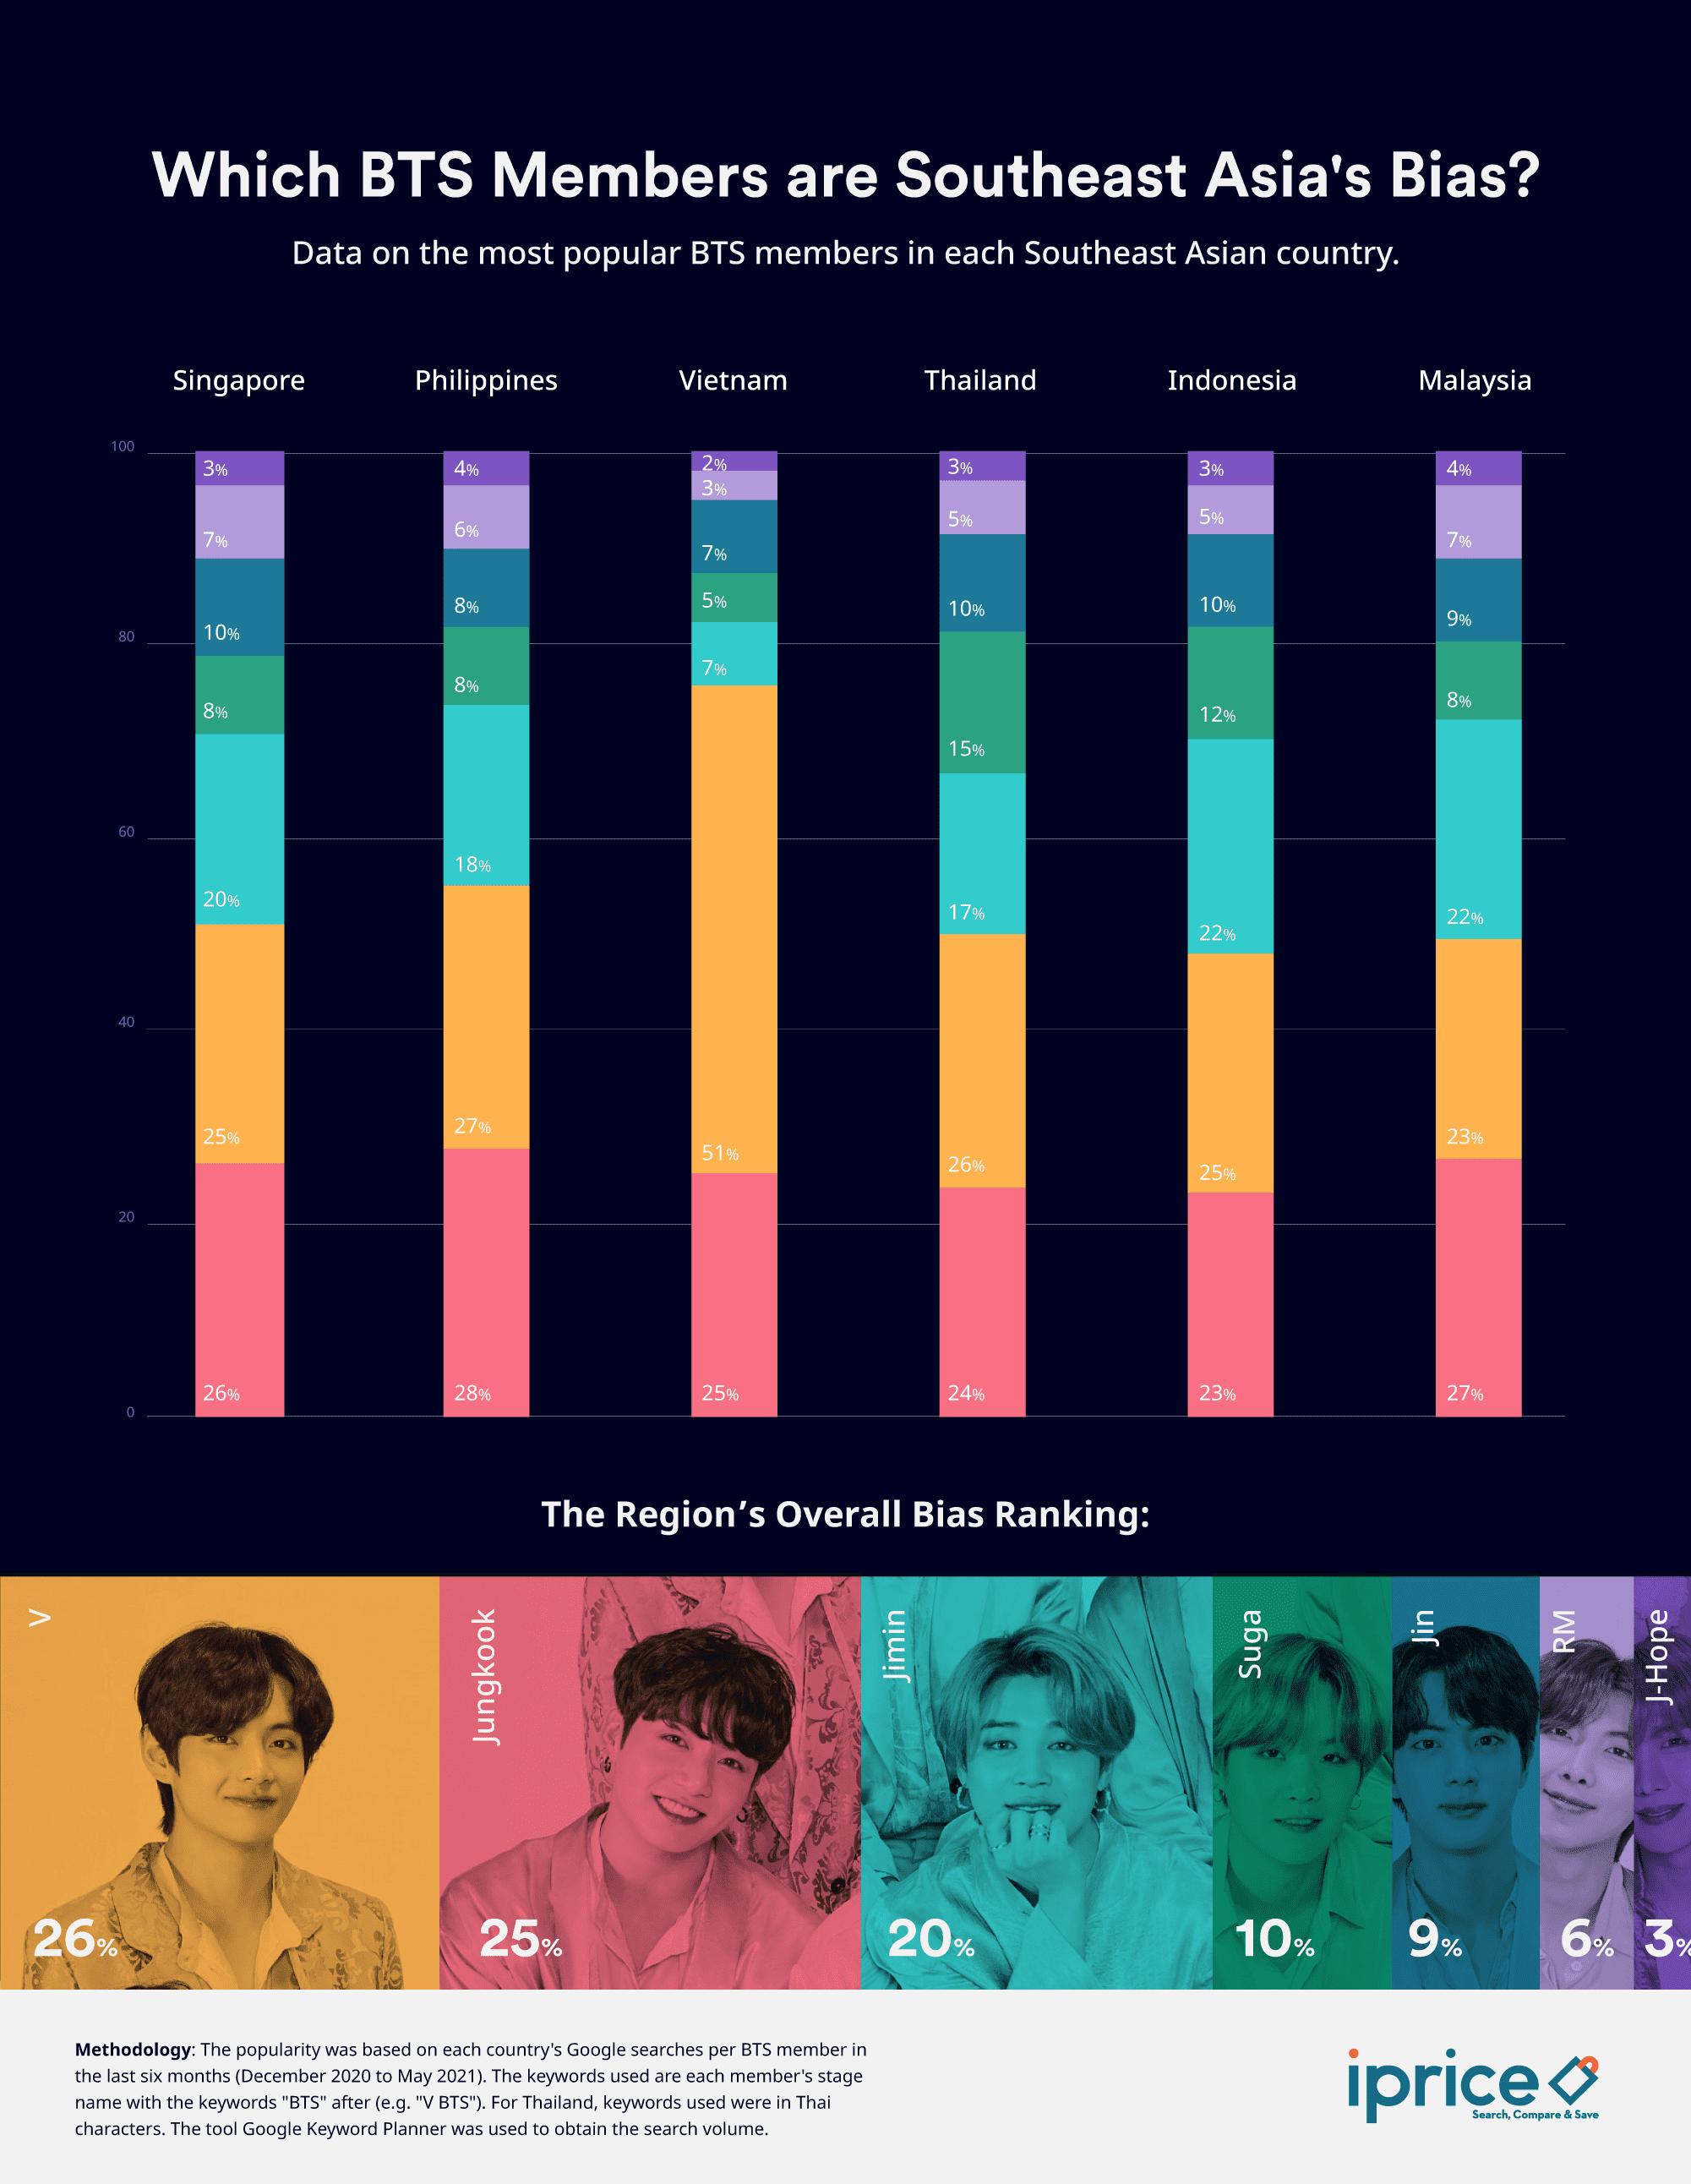 BTS member Jungkook is Southeast Asia's top bias